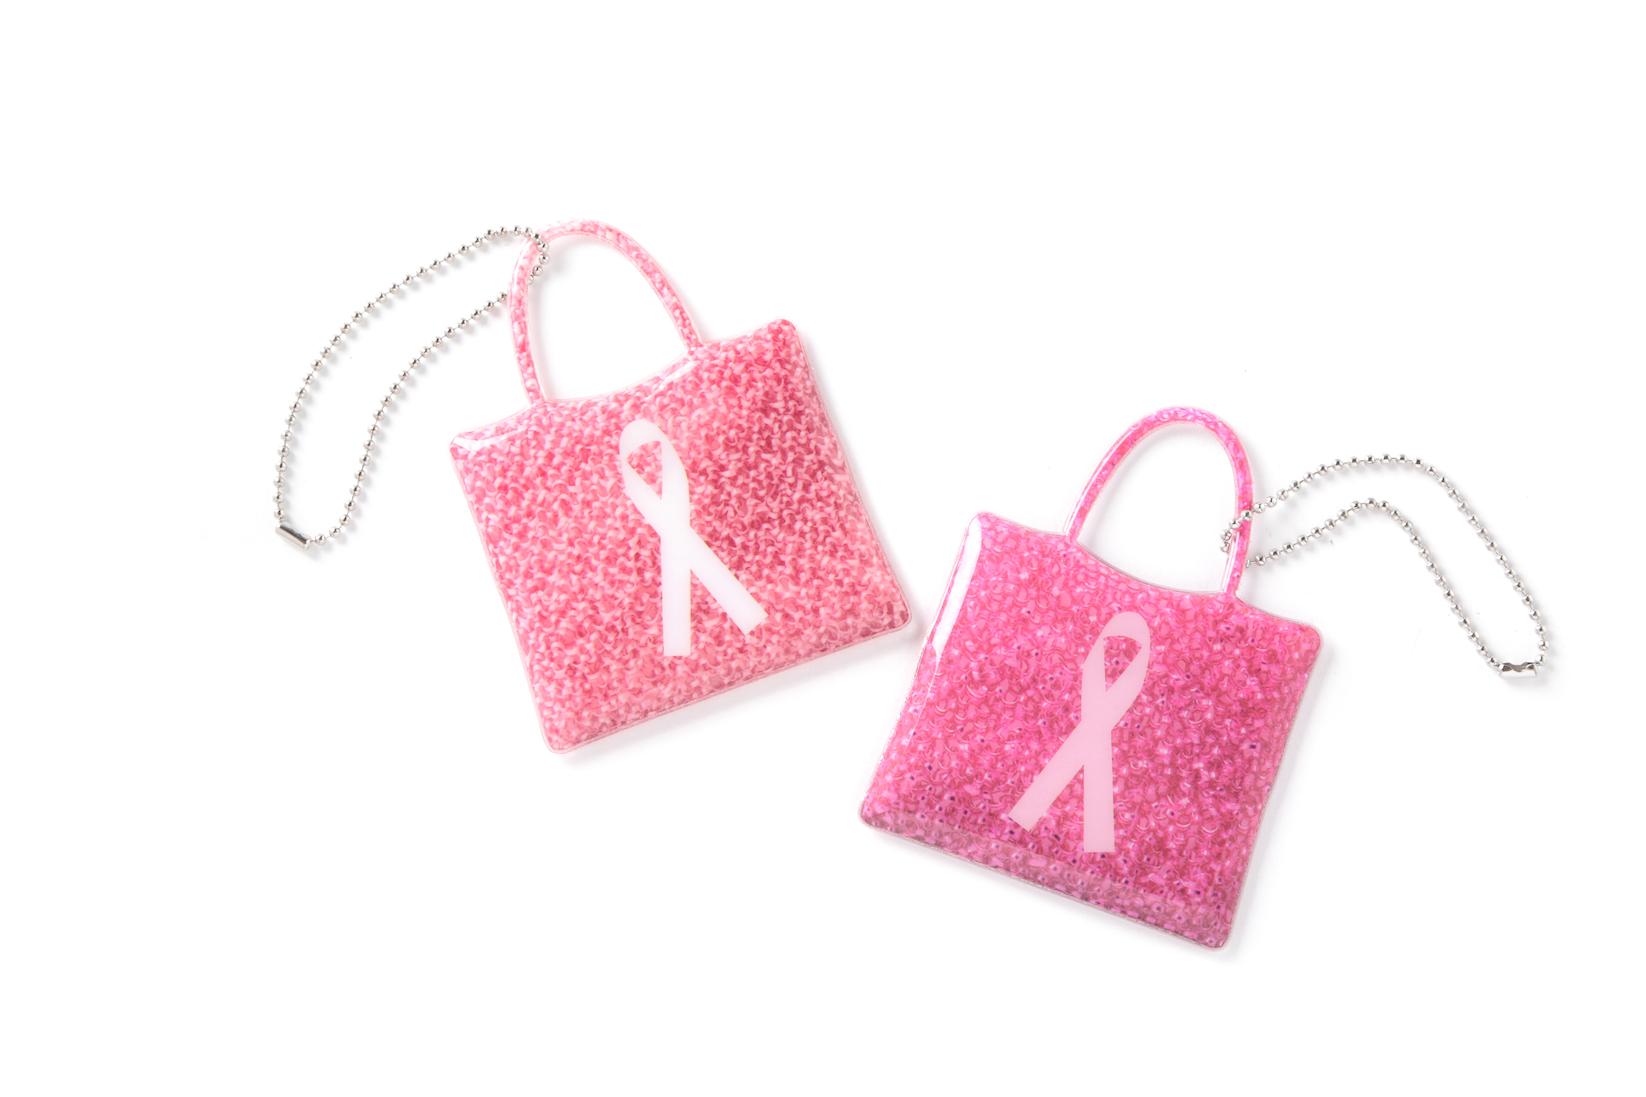 アンテプリマのピンクリボンキャンペーン♡ ピンクのアート作品が登場!_2